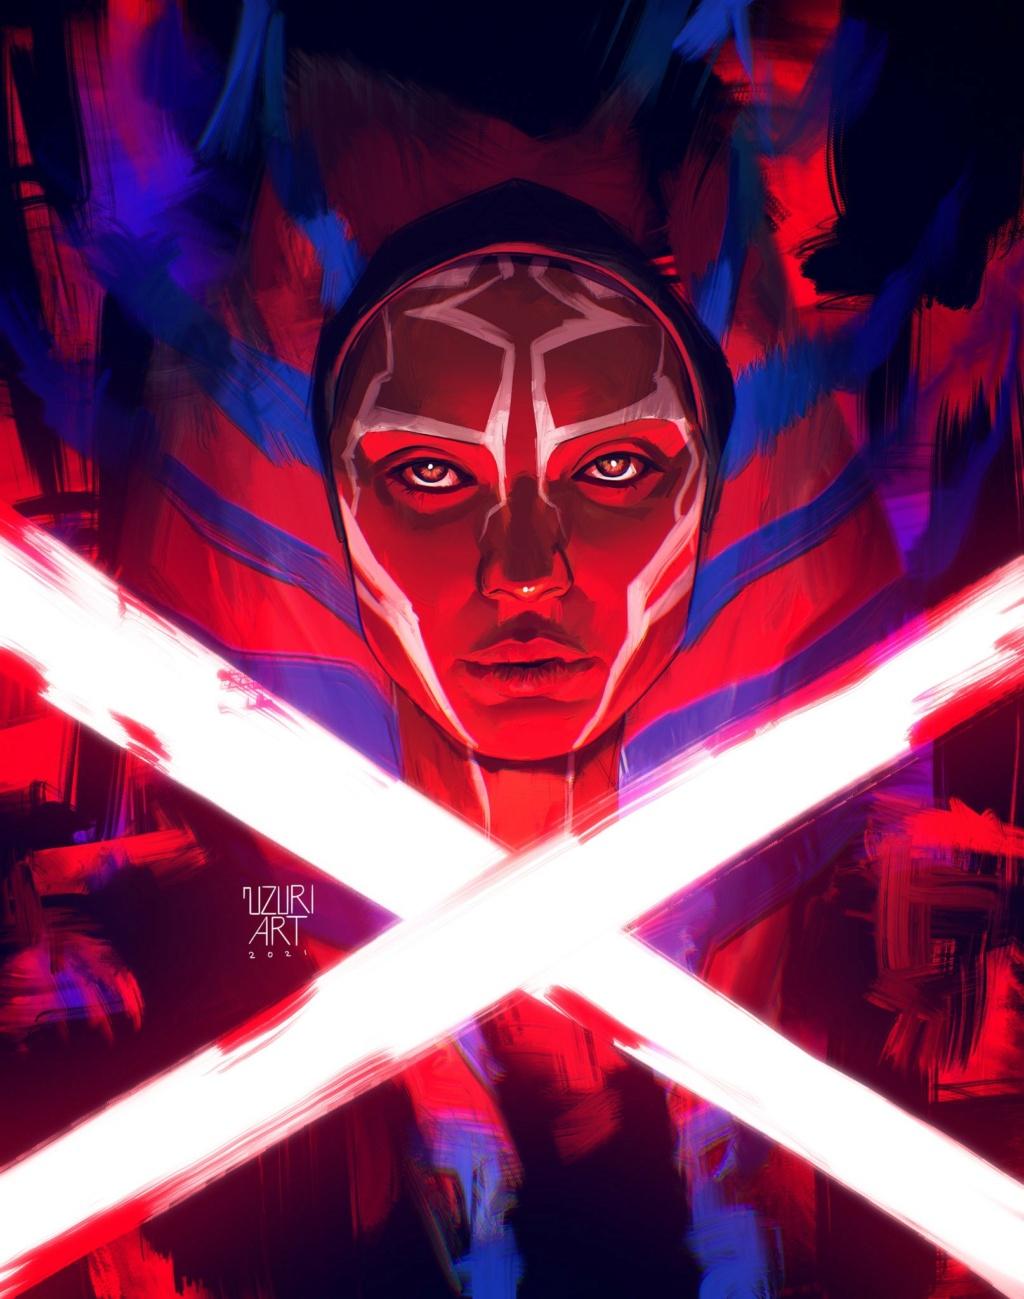 Digital Art par UZURI ART - Star Wars - Page 3 Uzuri_79